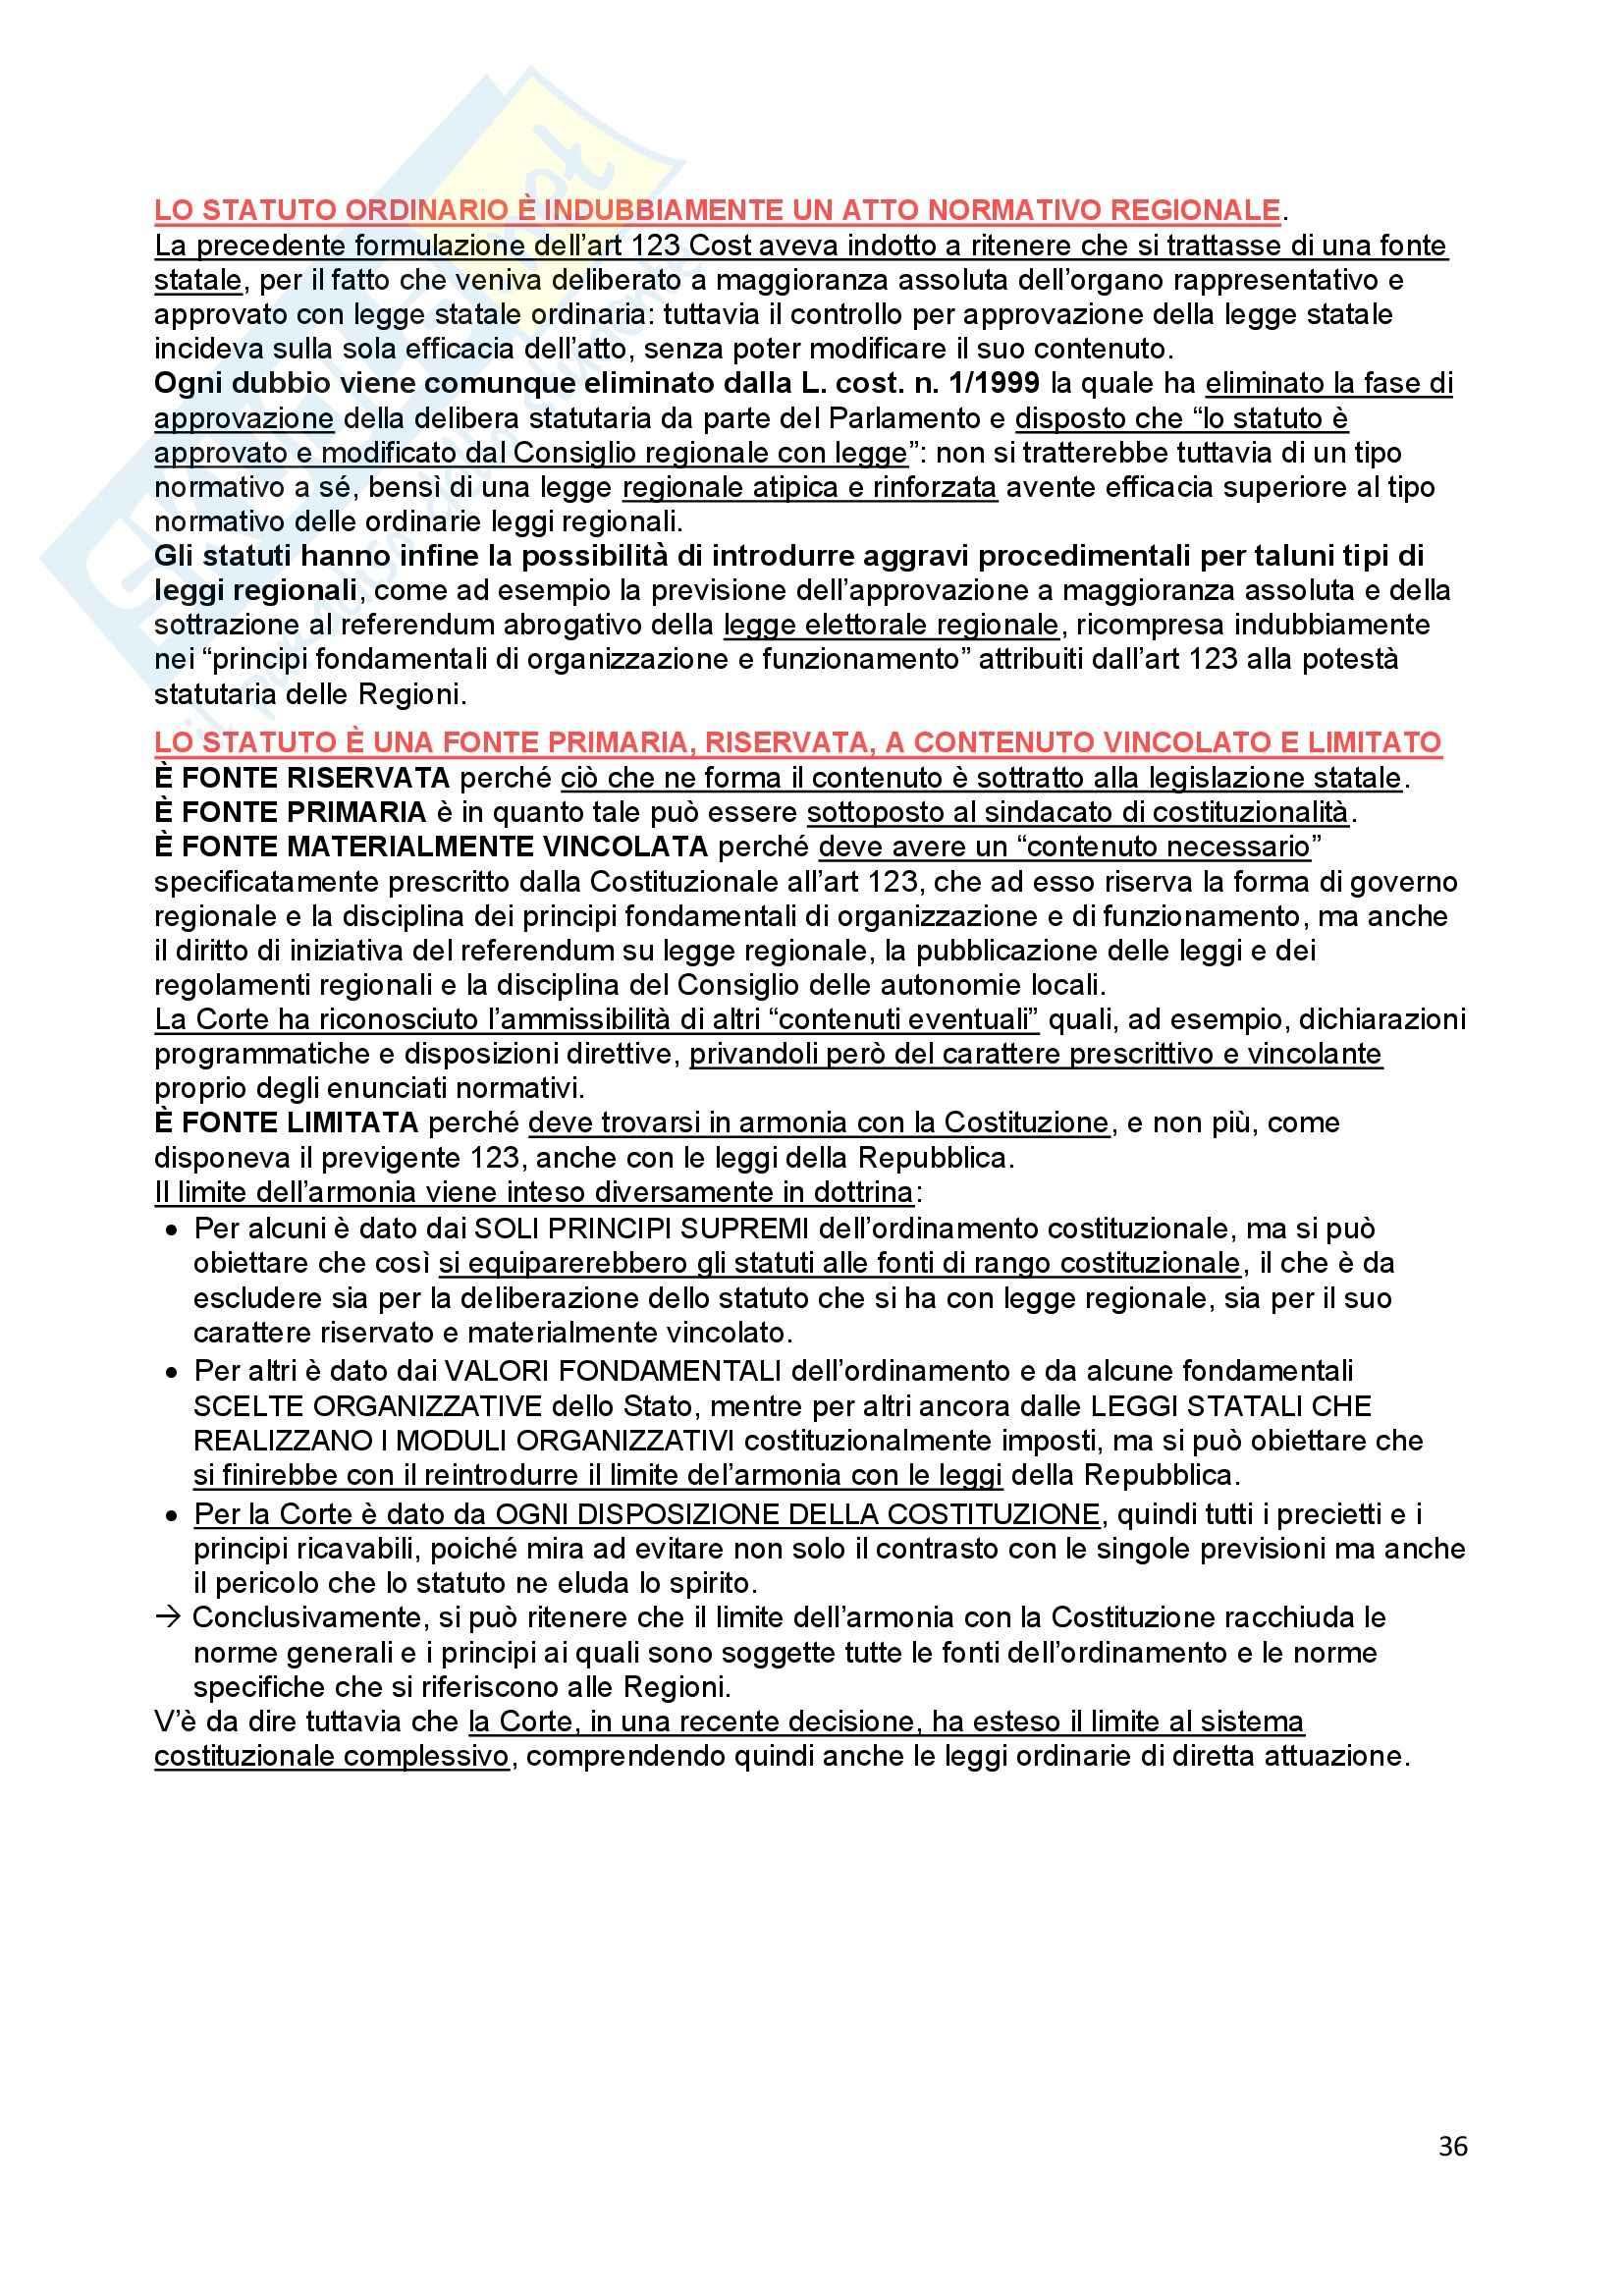 Riassunto esame Diritto Costituzionale, prof. Ferri, libro consigliato Fonti dell'ordinamento repubblicano, Pedrazza Gorlero Pag. 36